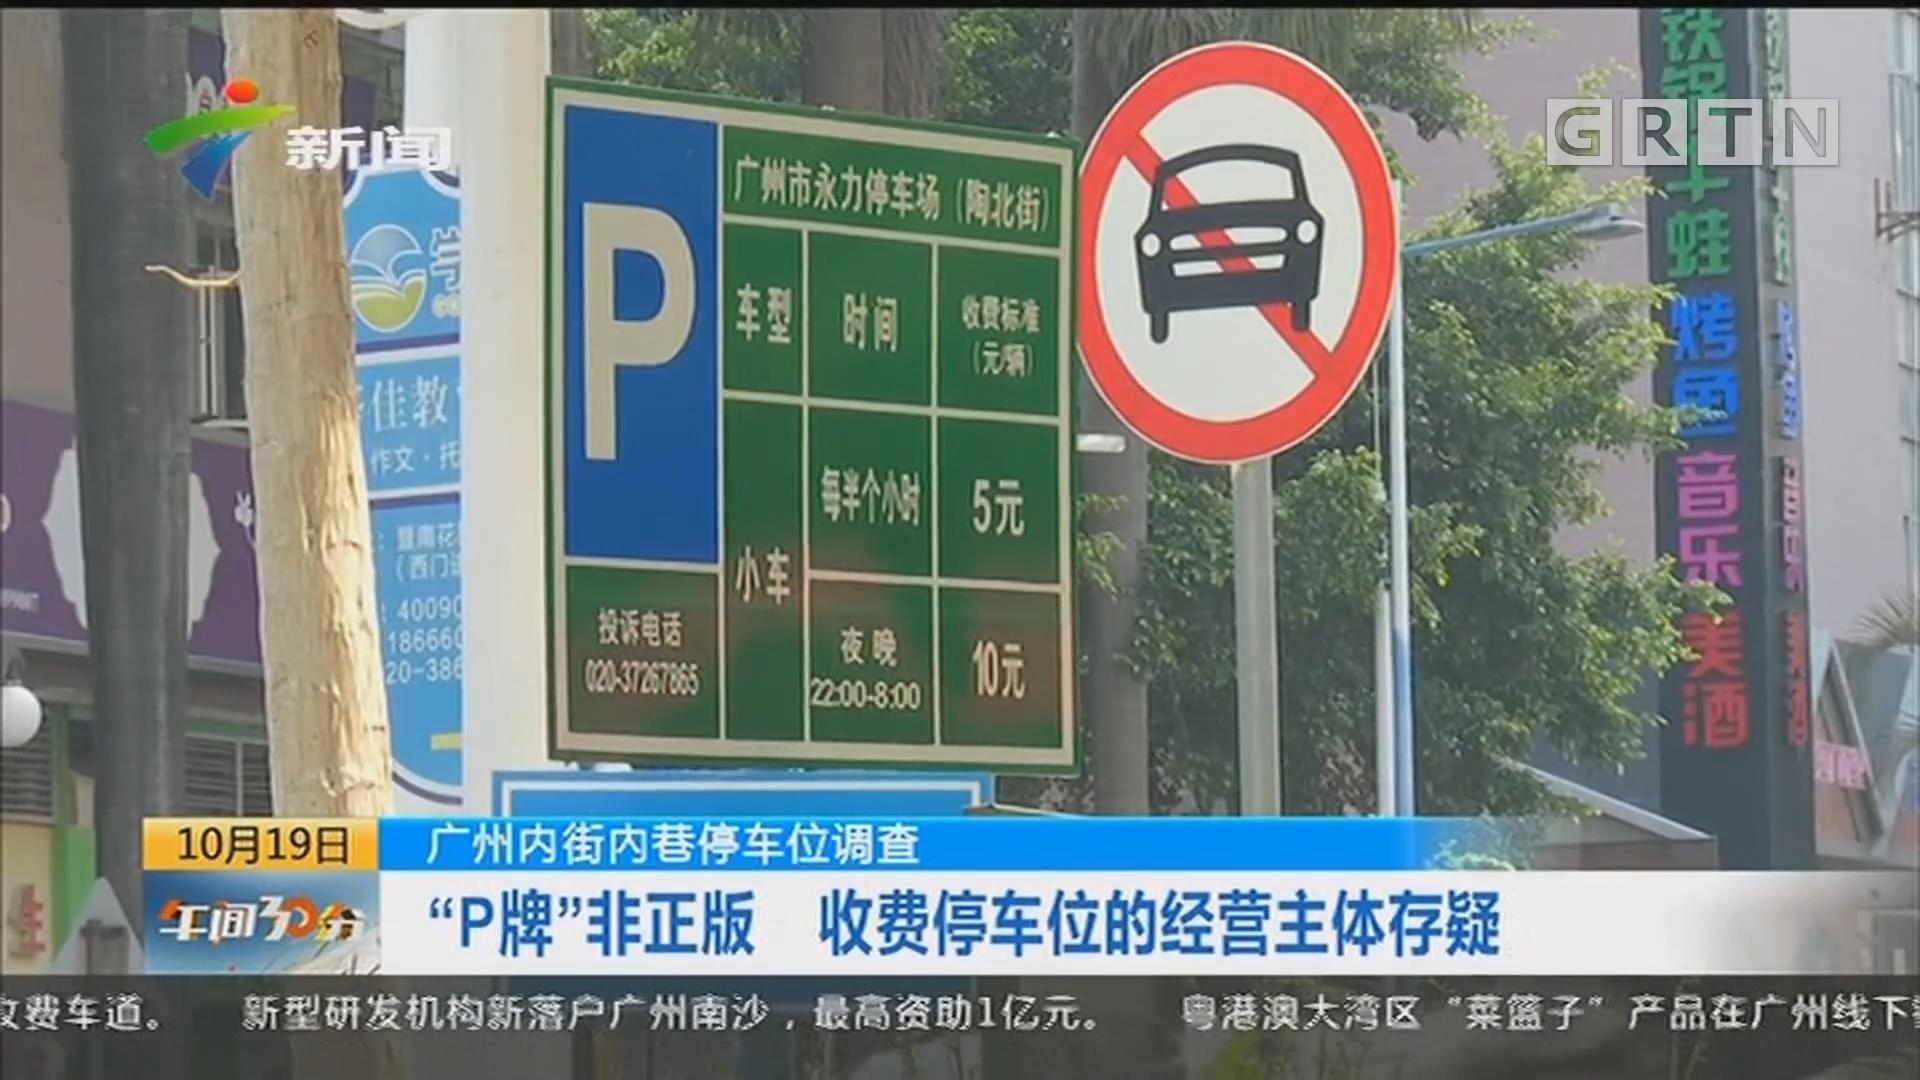 """广州内街内巷停车位调查:内街内巷设停车位 方便还是""""添堵"""""""